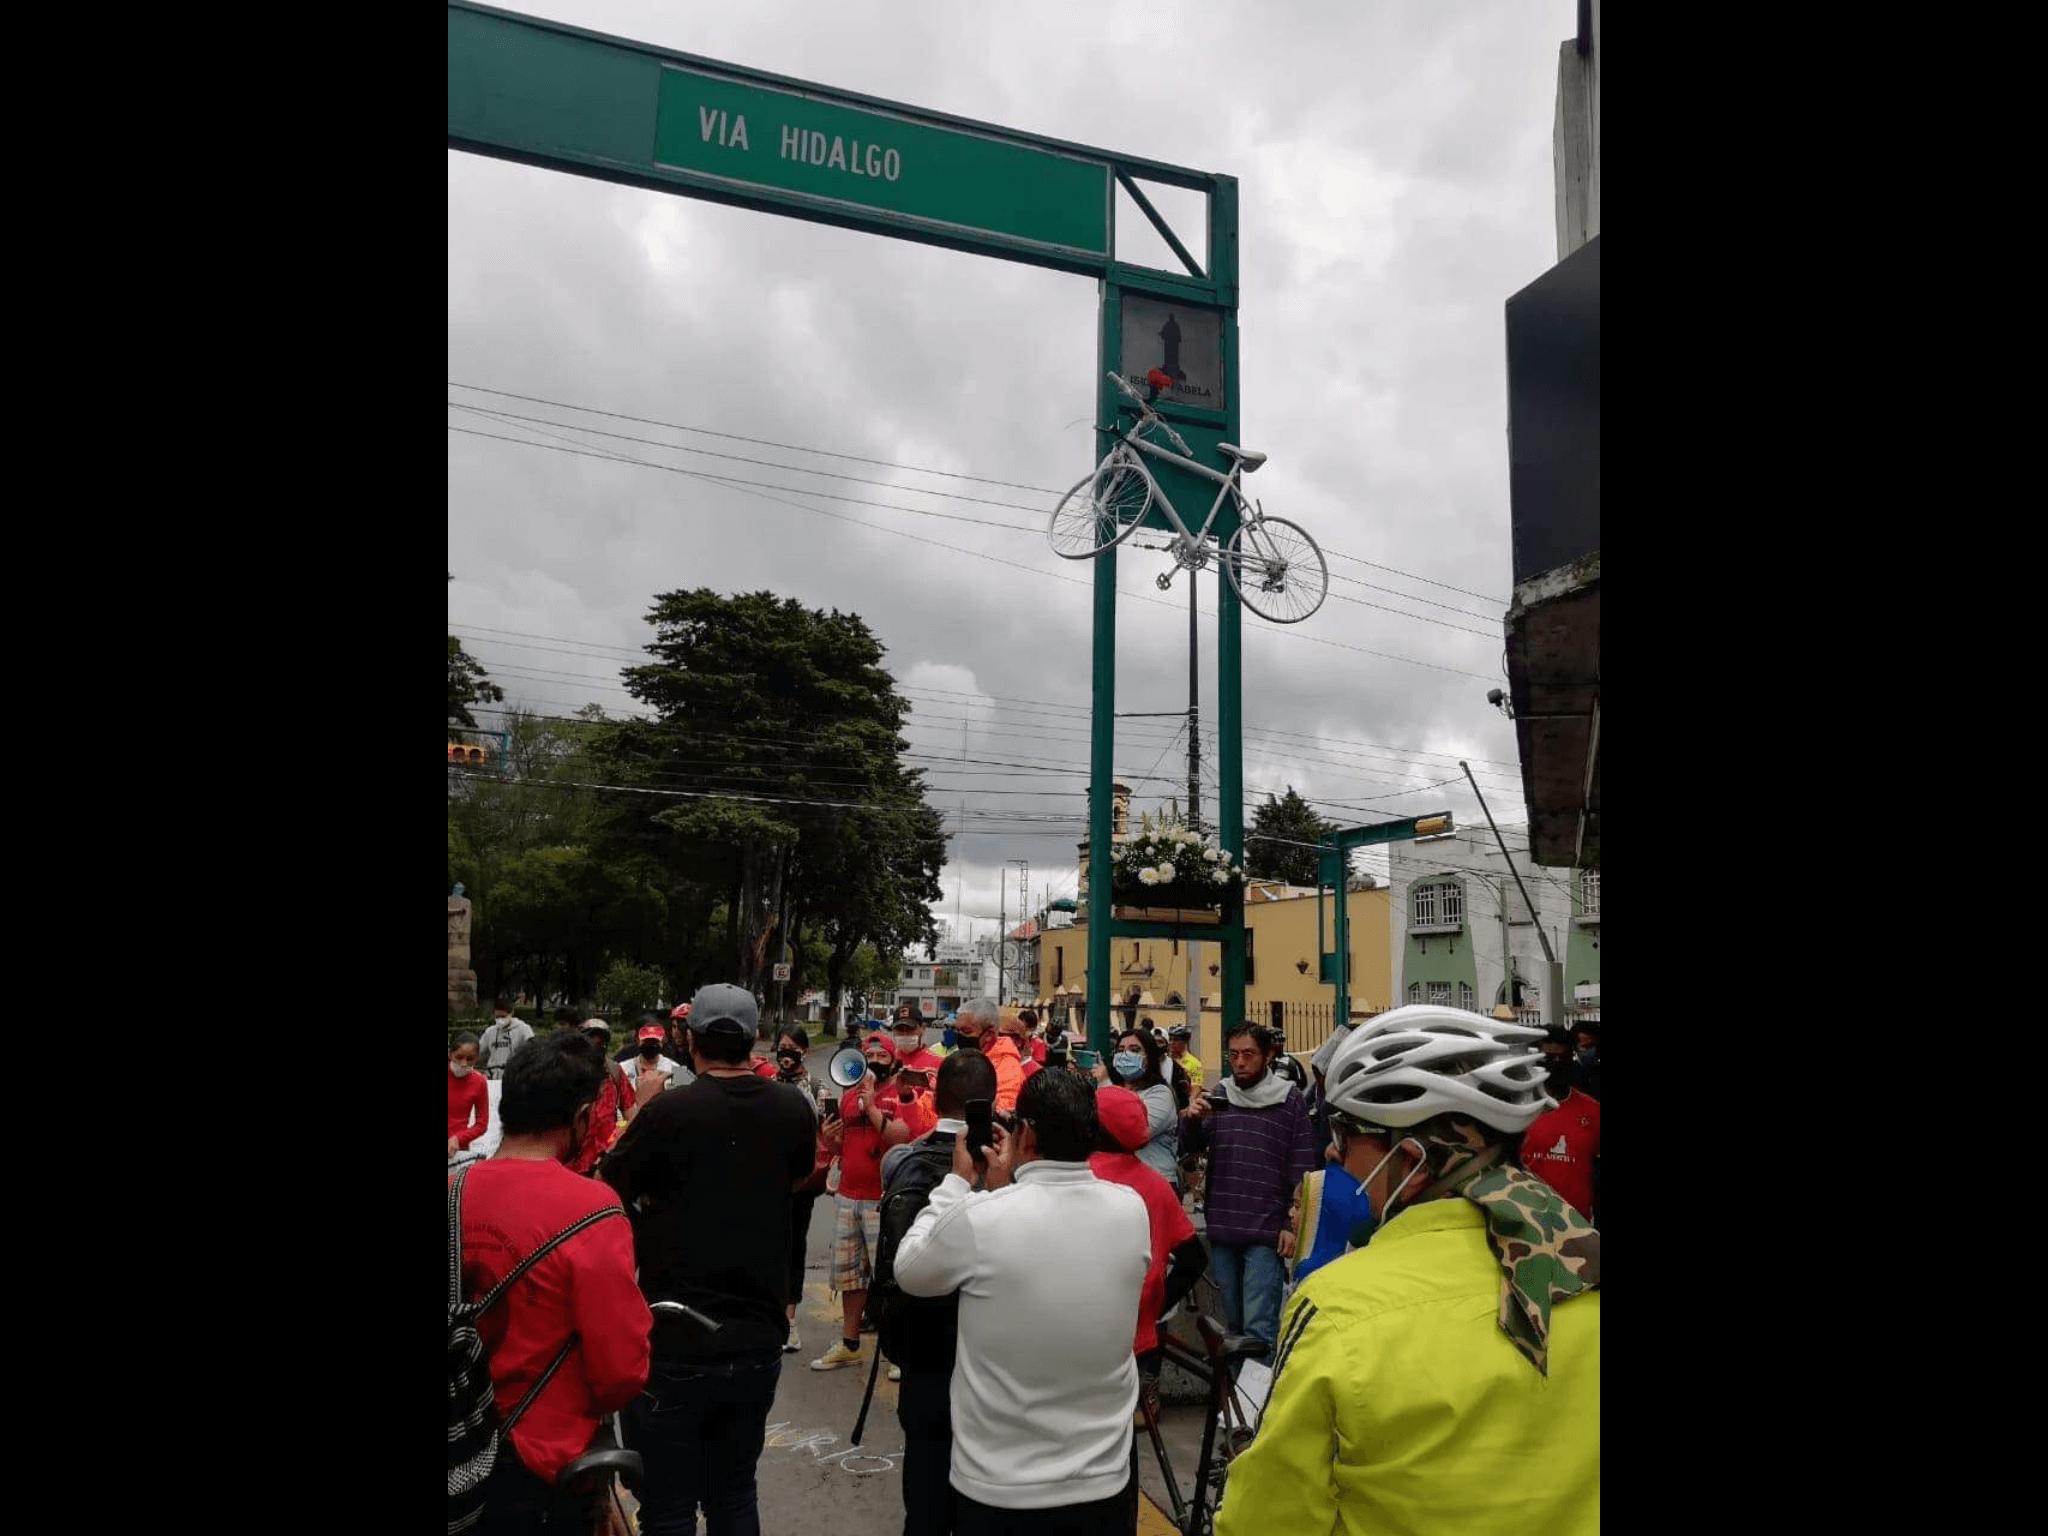 Nadie merece morir por andar en bici: activistas